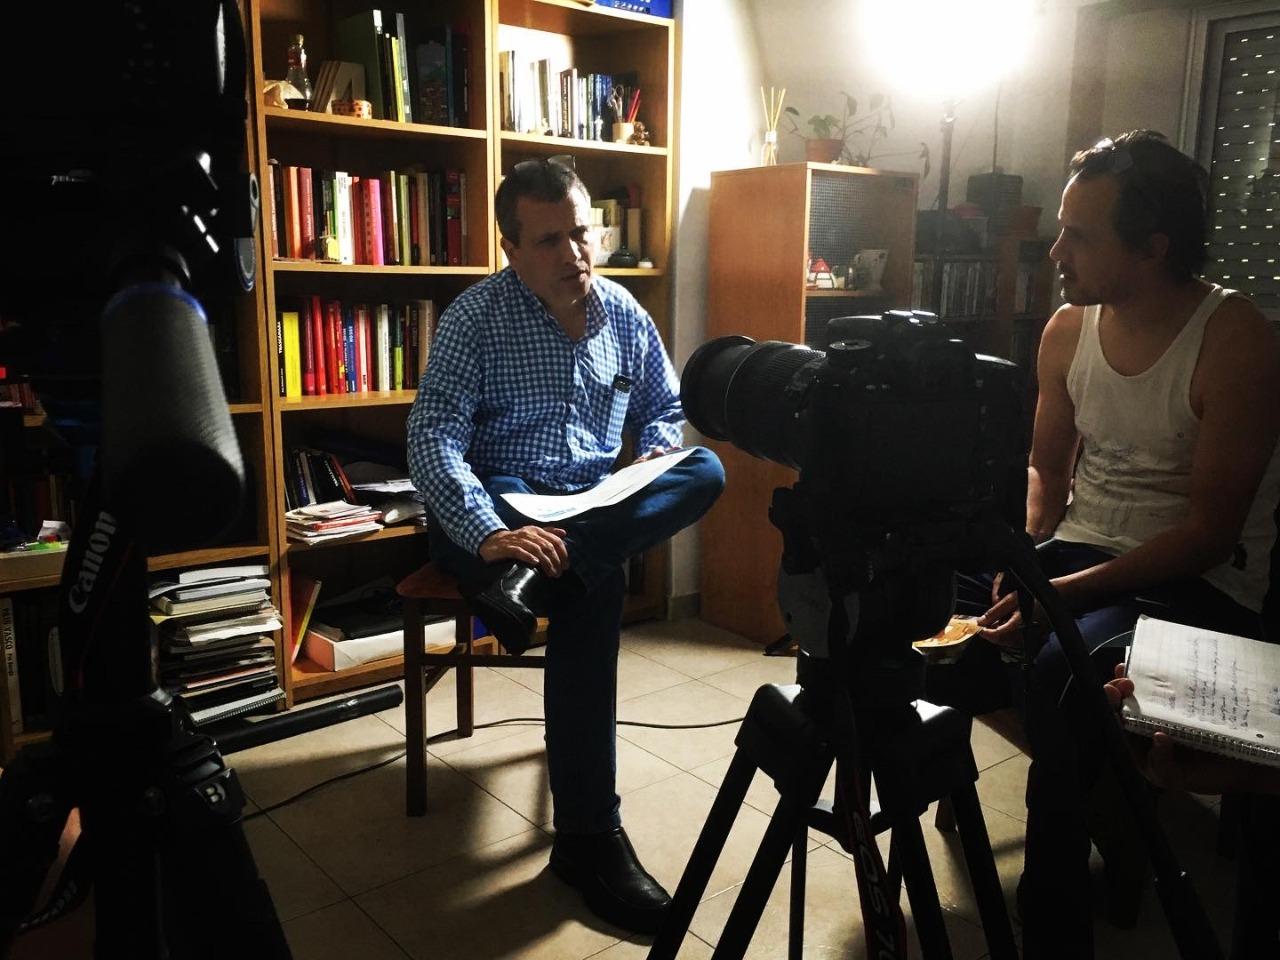 El ingeniero Javier Cuestas, hijo del radioaficionado que logró comunicarse con Luis Maza durante la guerra, relata esa historia para los realizadores.